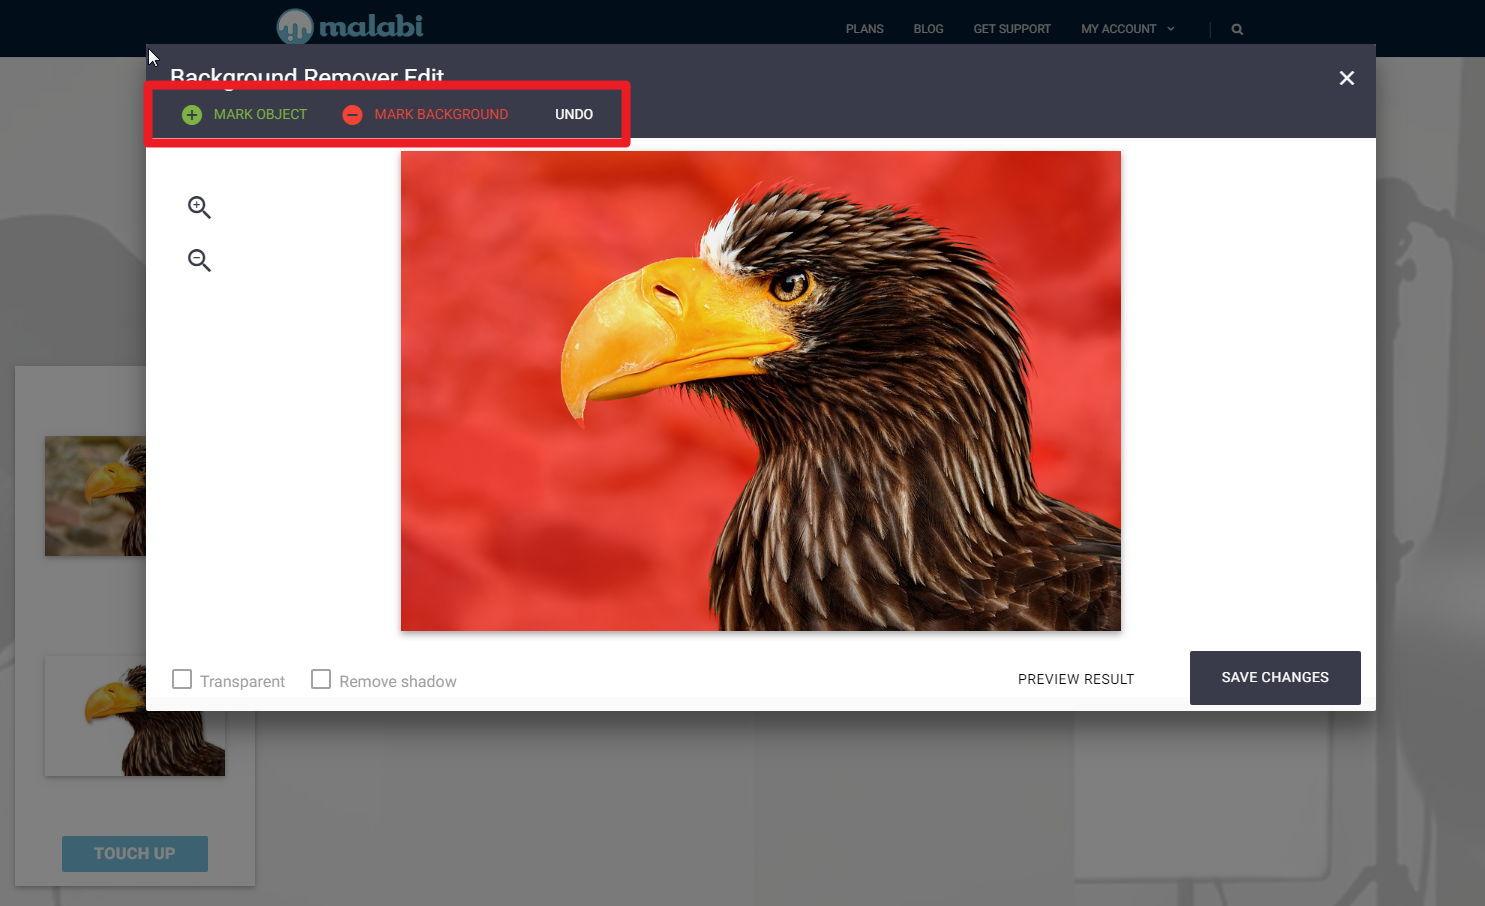 【去背软体】以色列 malabi 图片线上去背软体 / 照片自动去背景